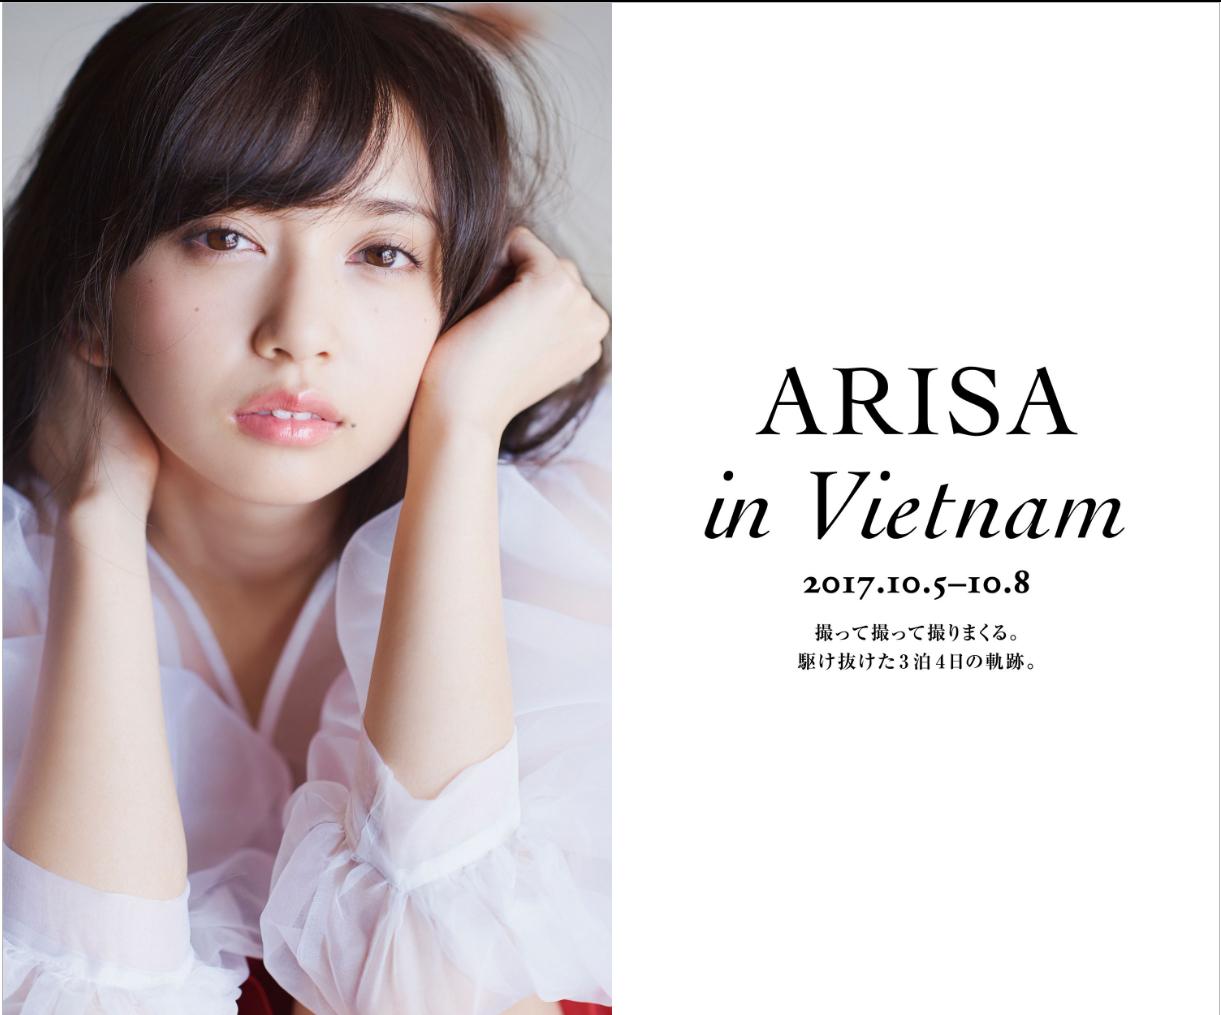 小宫有纱 ARISA002